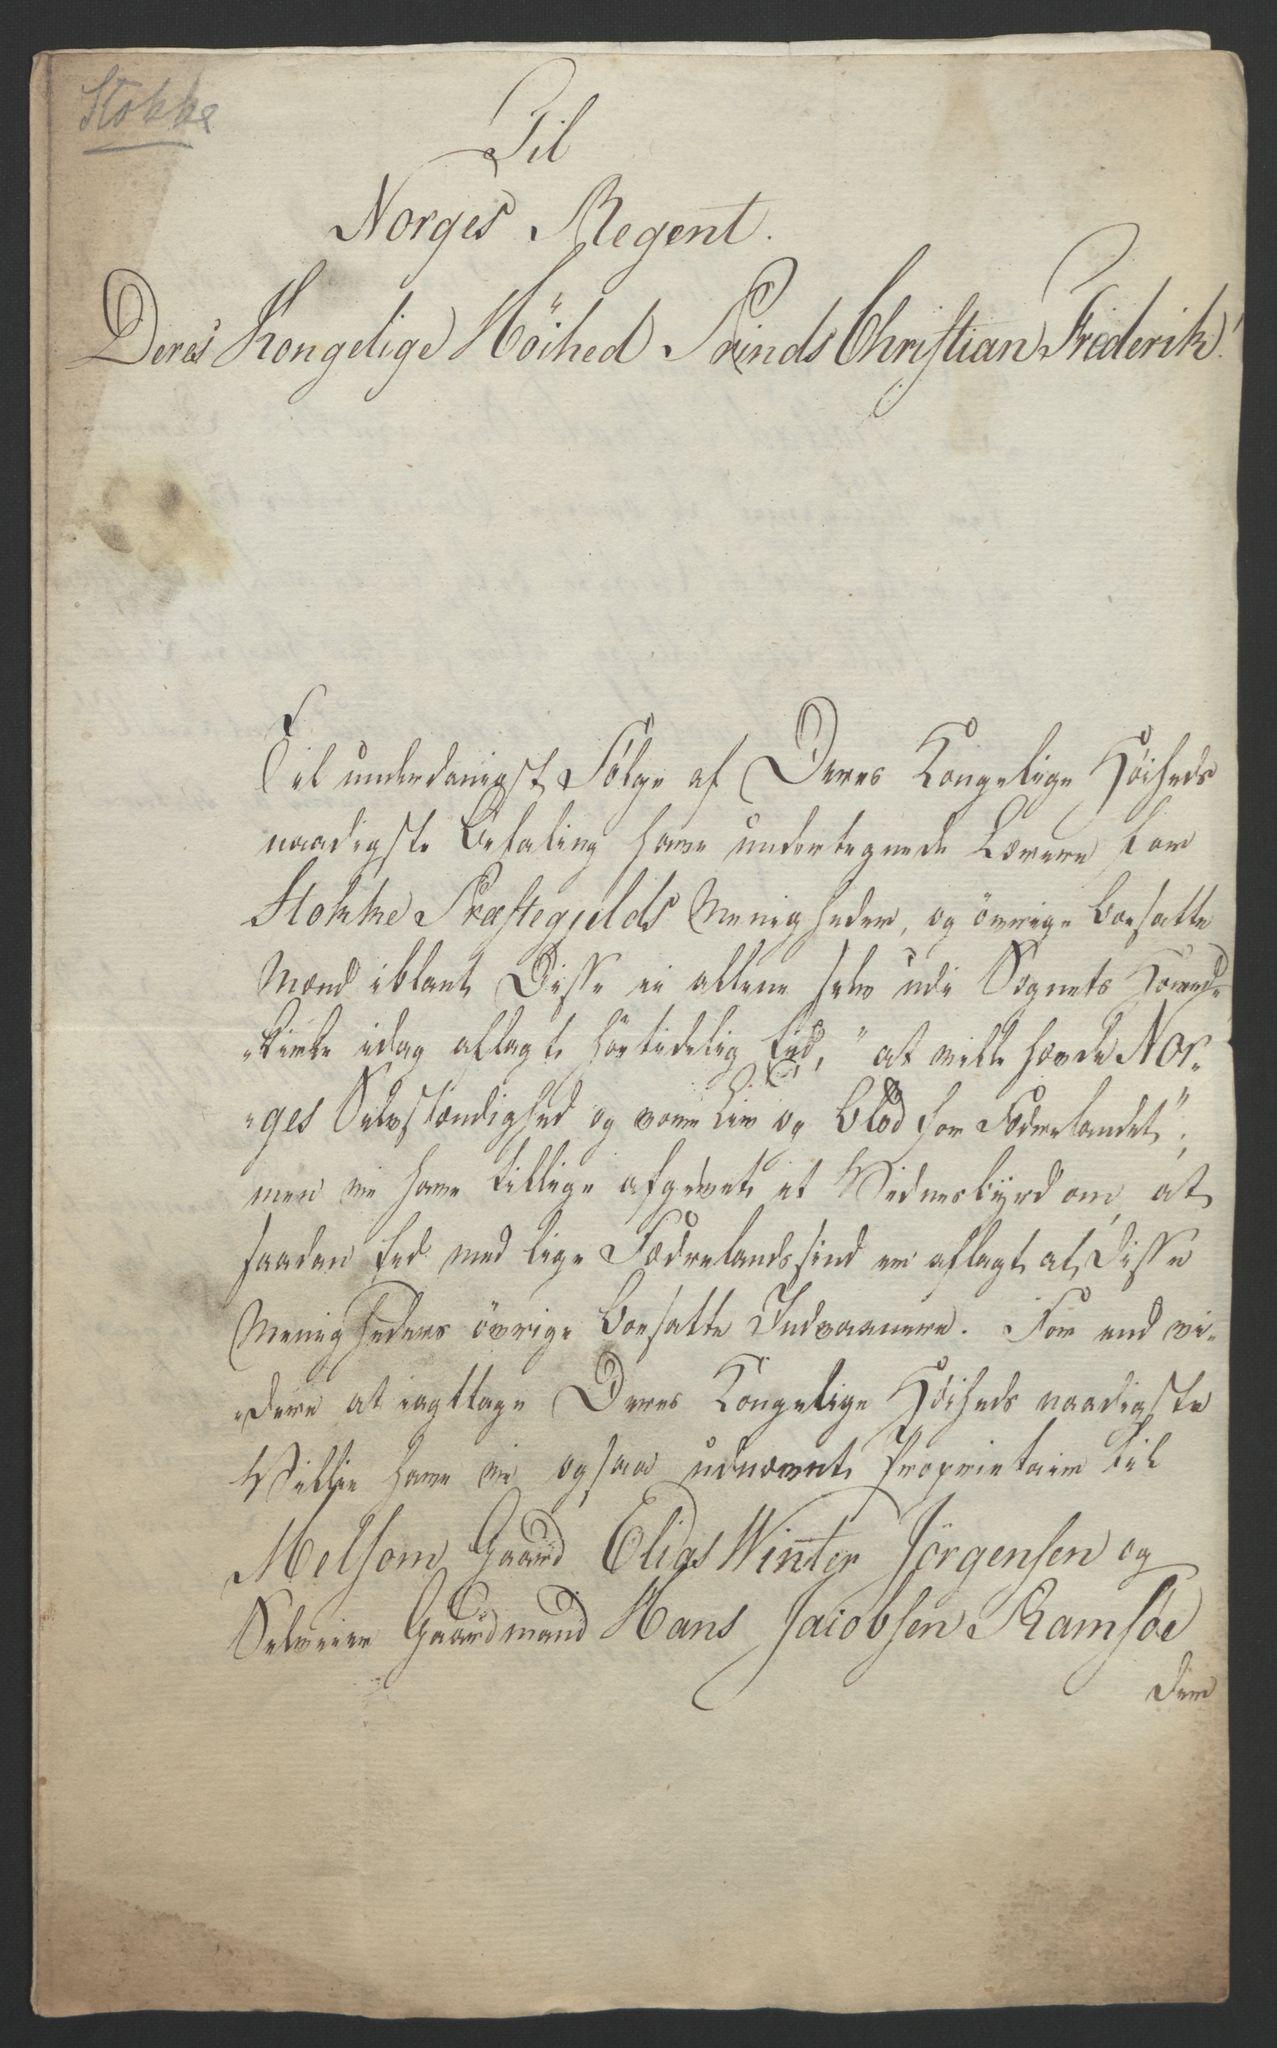 RA, Statsrådssekretariatet, D/Db/L0008: Fullmakter for Eidsvollsrepresentantene i 1814. , 1814, s. 24